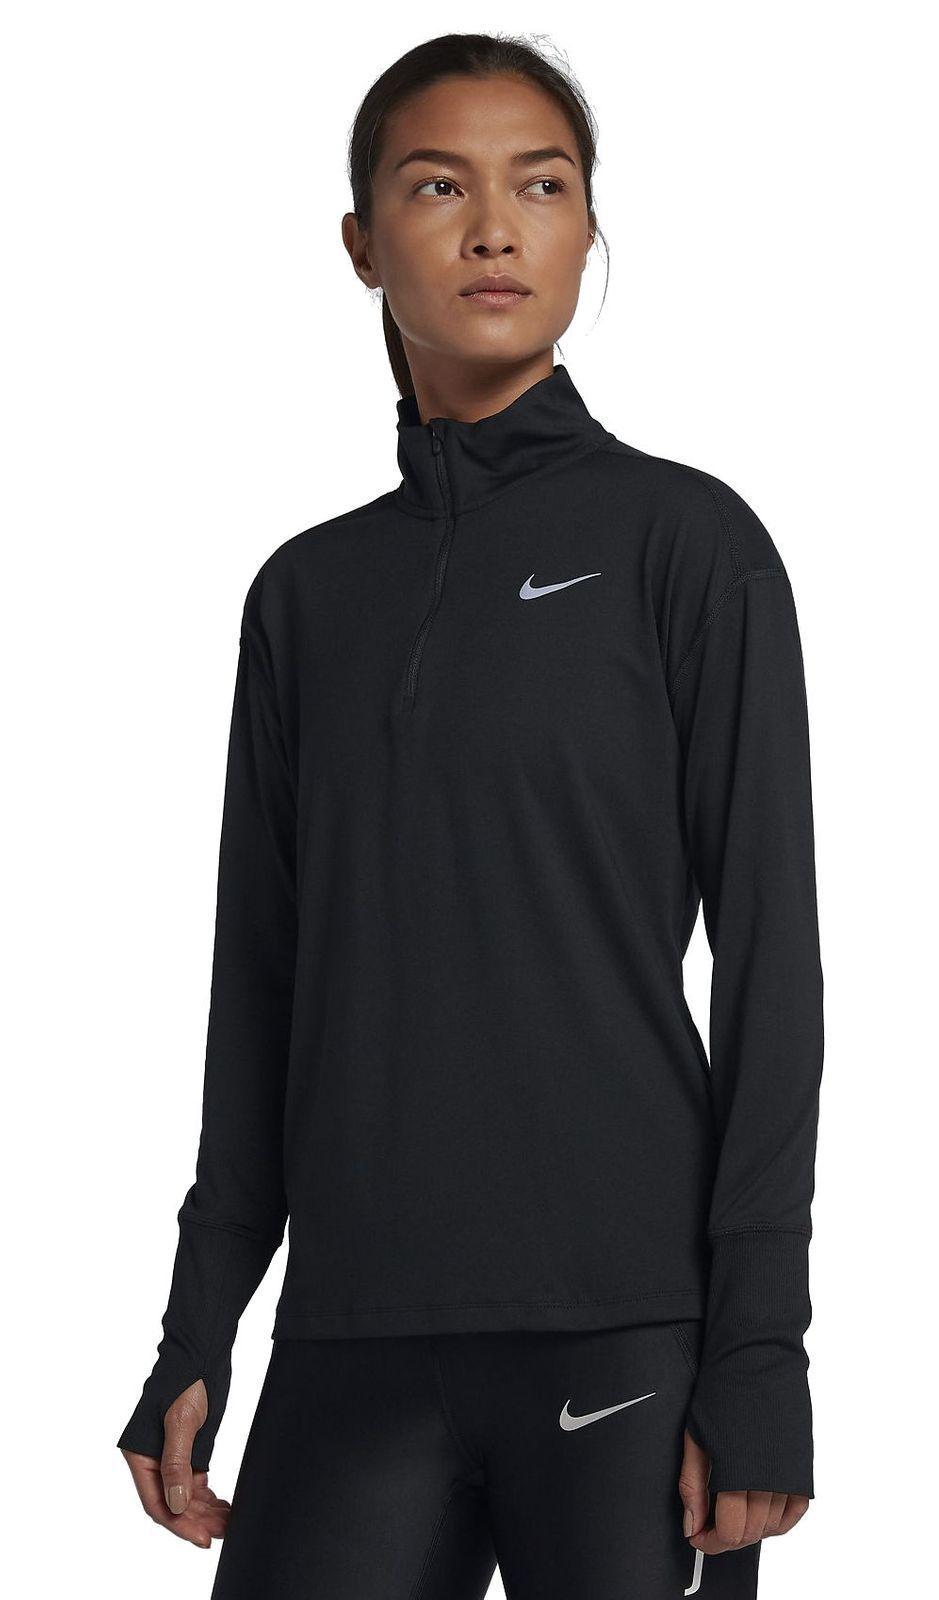 Nike Women's Long-Sleeve Running Shirt Sports Shirt NK Dri-Fit  Element Top  online discount